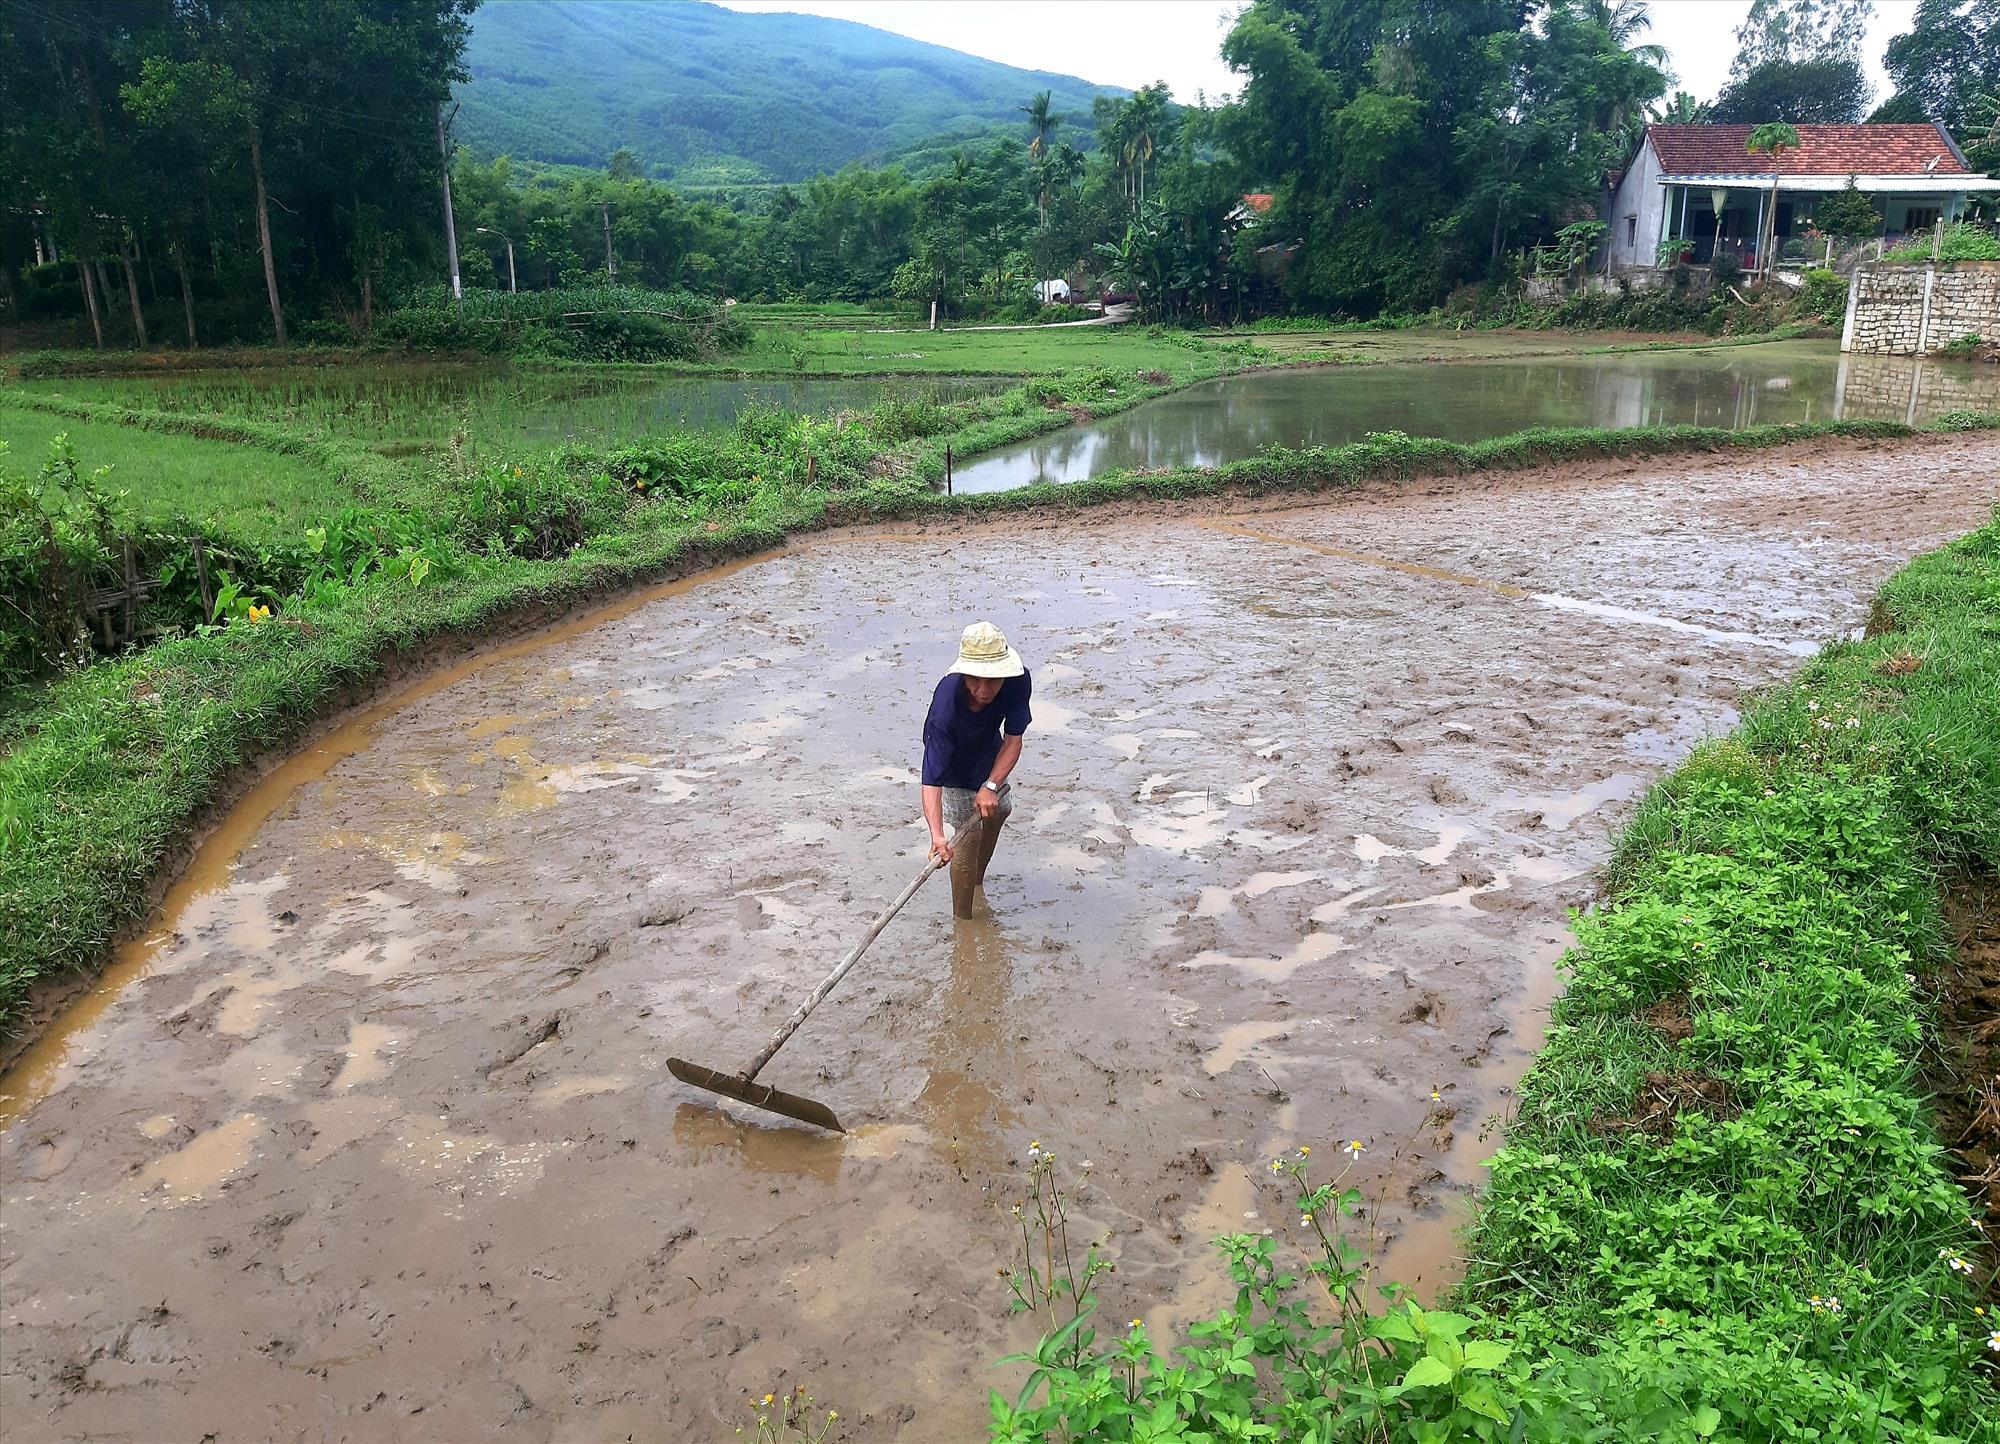 Hè thu này, ông Trần Văn Tin ở thôn Phú Bình (xã Quế Thọ) chỉ sử dụng loại giống lúa ngắn ngày Sơn Lâm 1 để gieo sạ. Ảnh: A.S